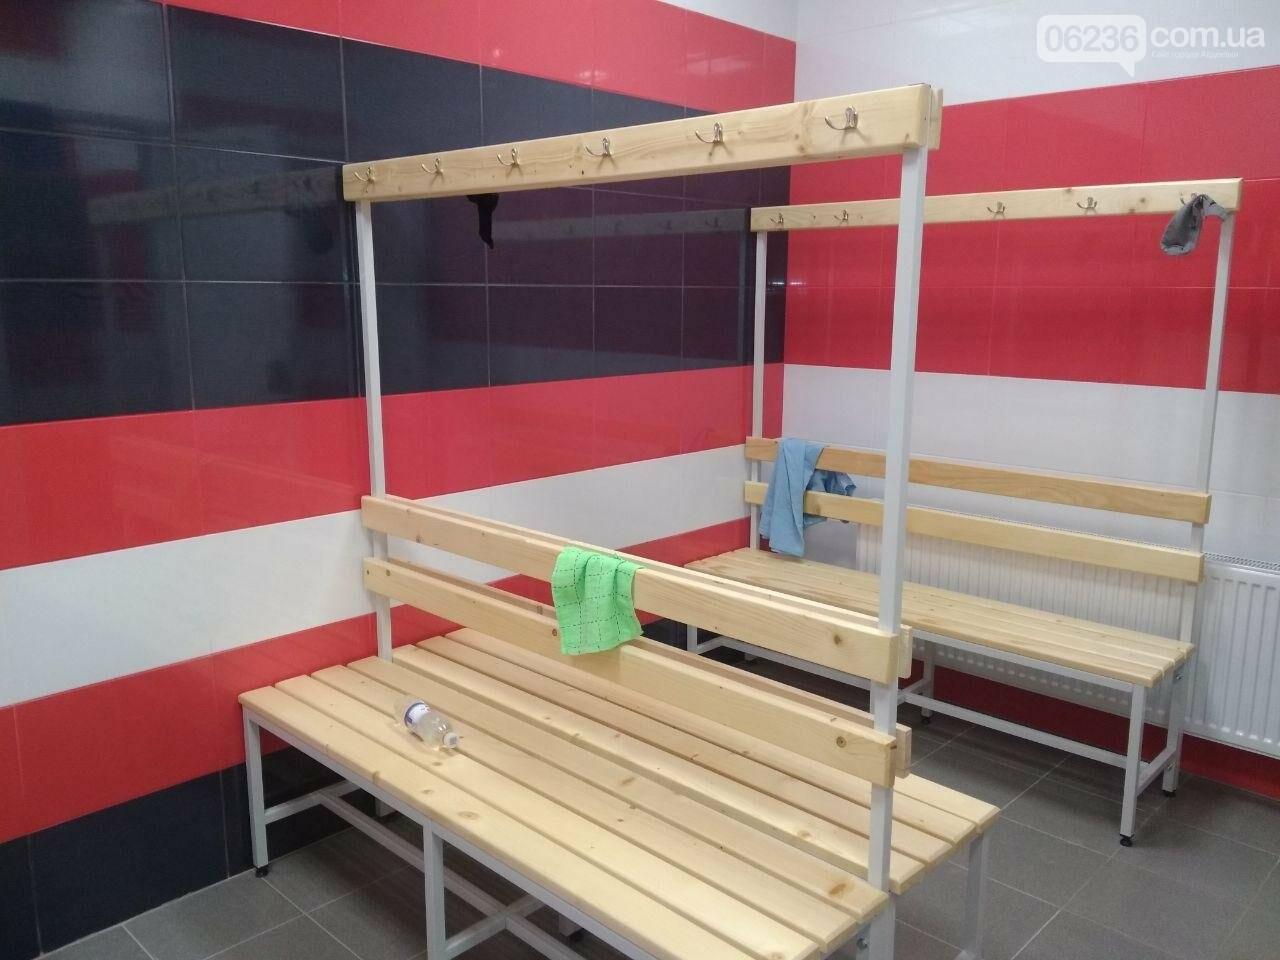 АКХЗ подарил авдеевской школе спортивный зал (ФОТОРЕПОРТАЖ), фото-4